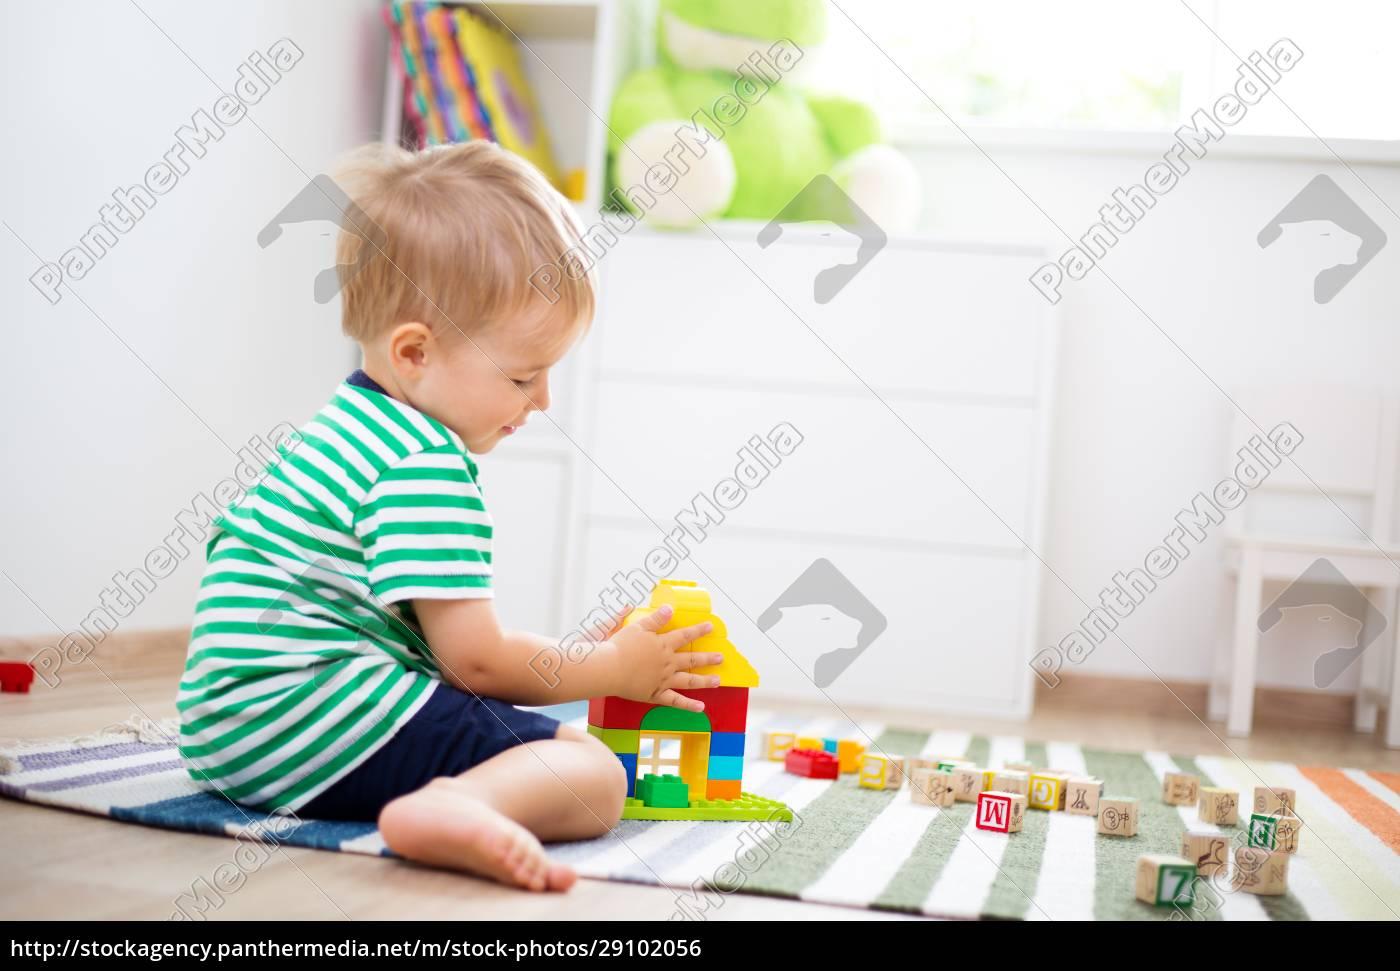 zweijähriges, kind, sitzt, mit, holzwürfeln, auf - 29102056